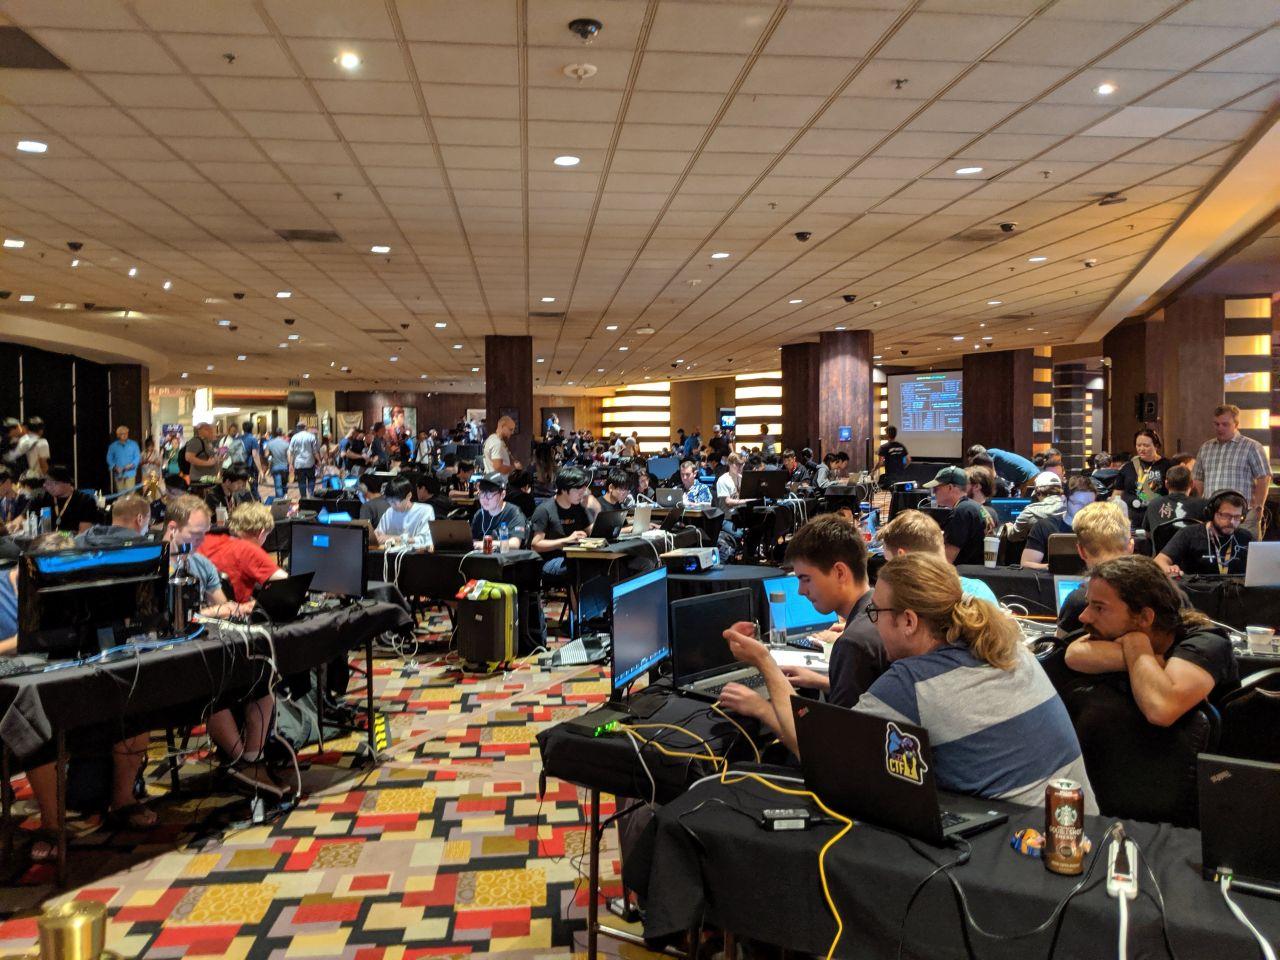 DEF CON 27のCTF決勝会場。多くのハッカーがチーム別のテーブルに分かれ、PCを前に問題に取り組んでいる。